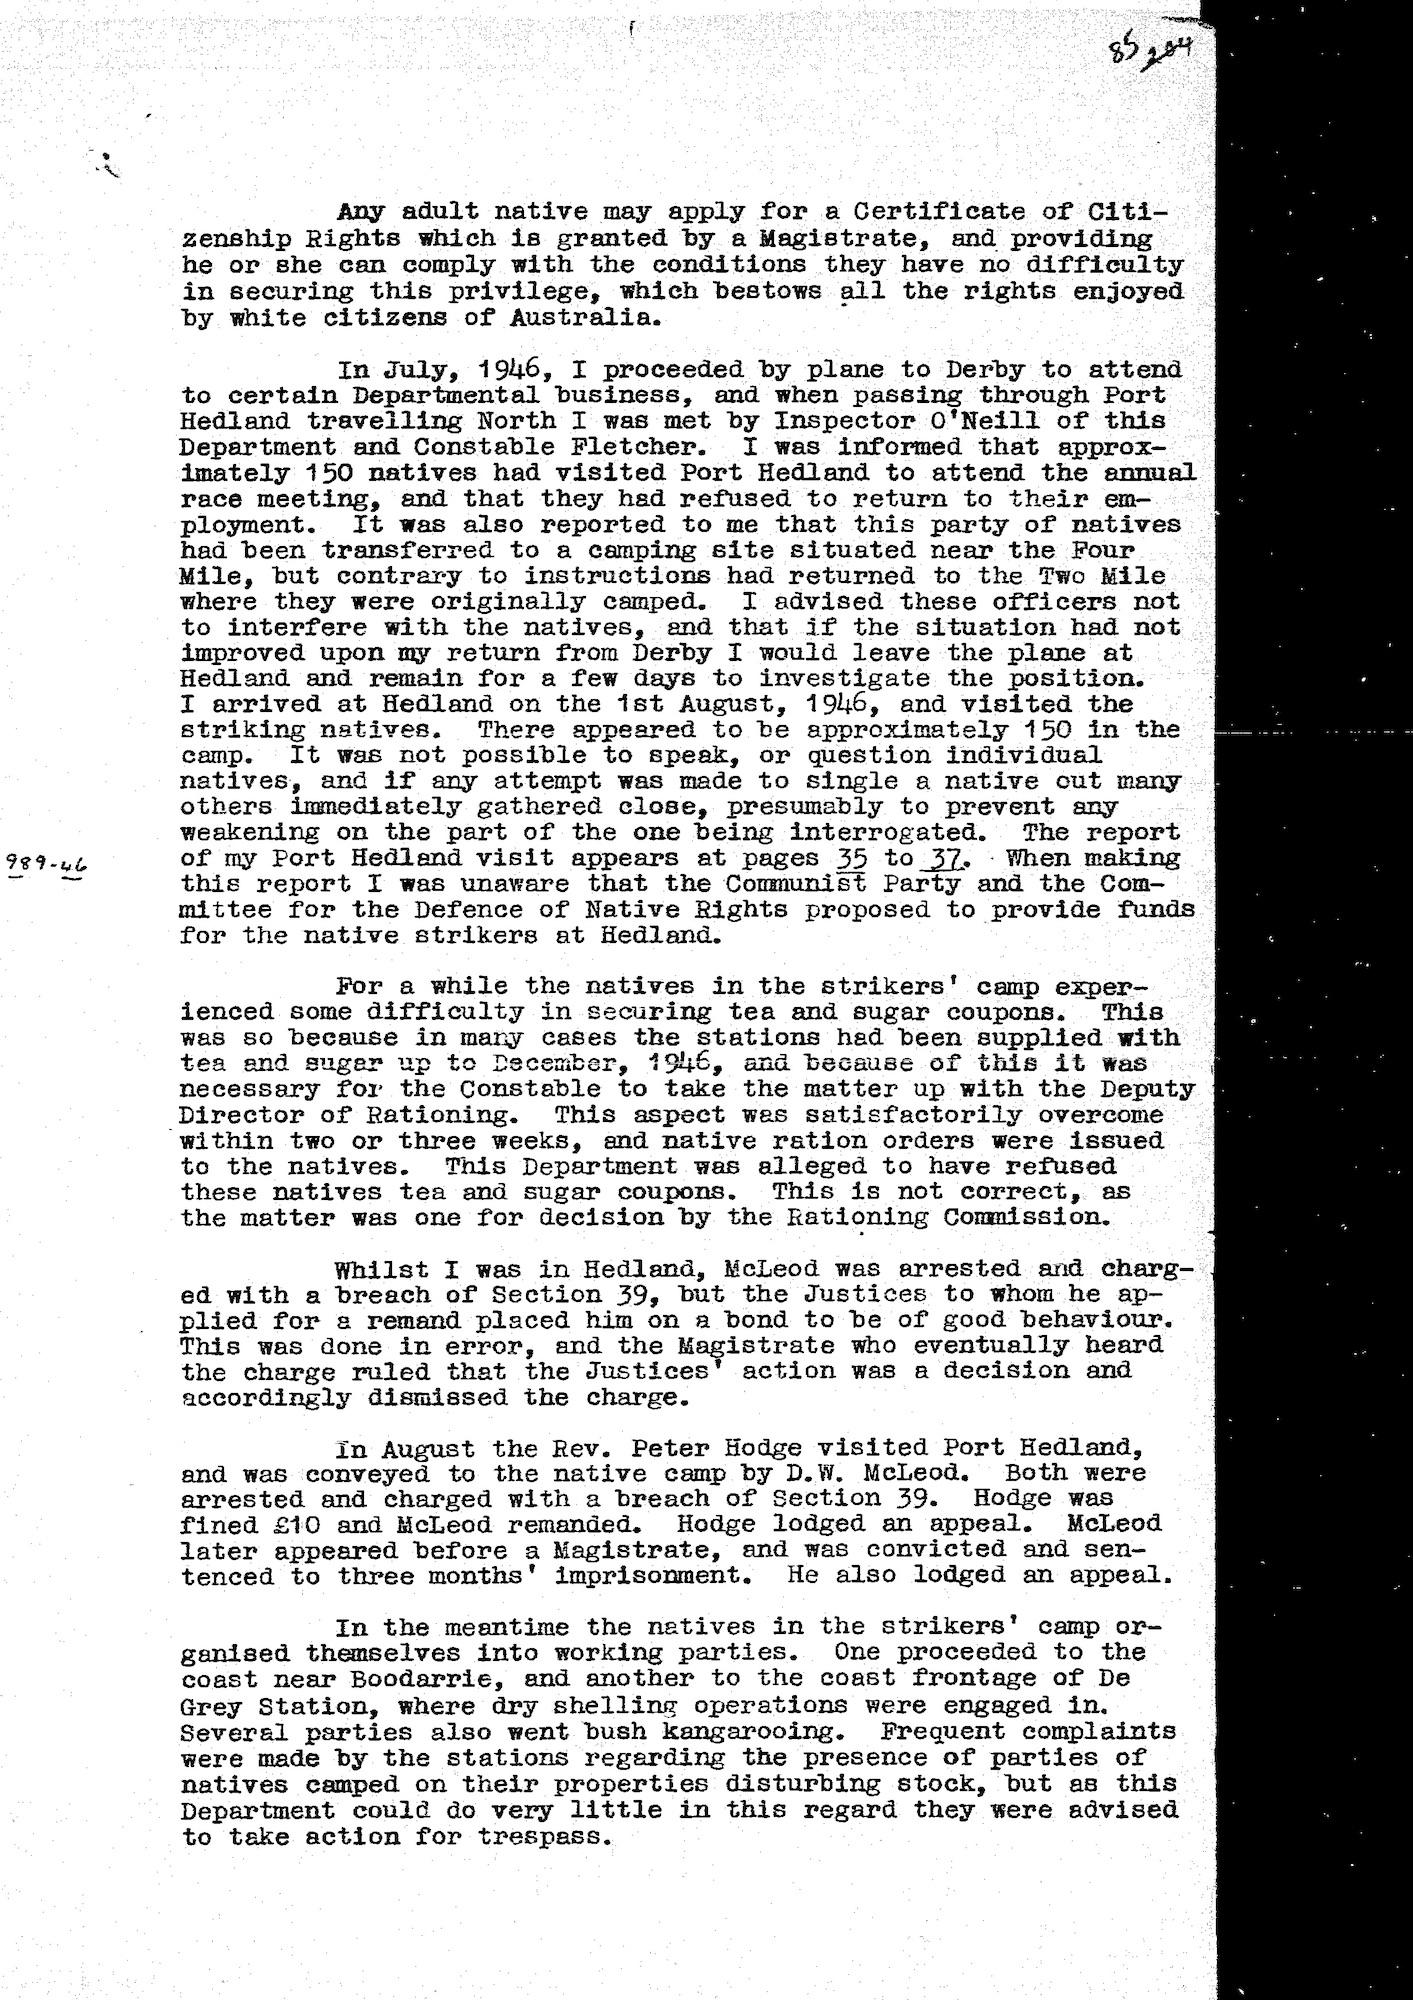 McBeath to McDonald, 9 April 1947